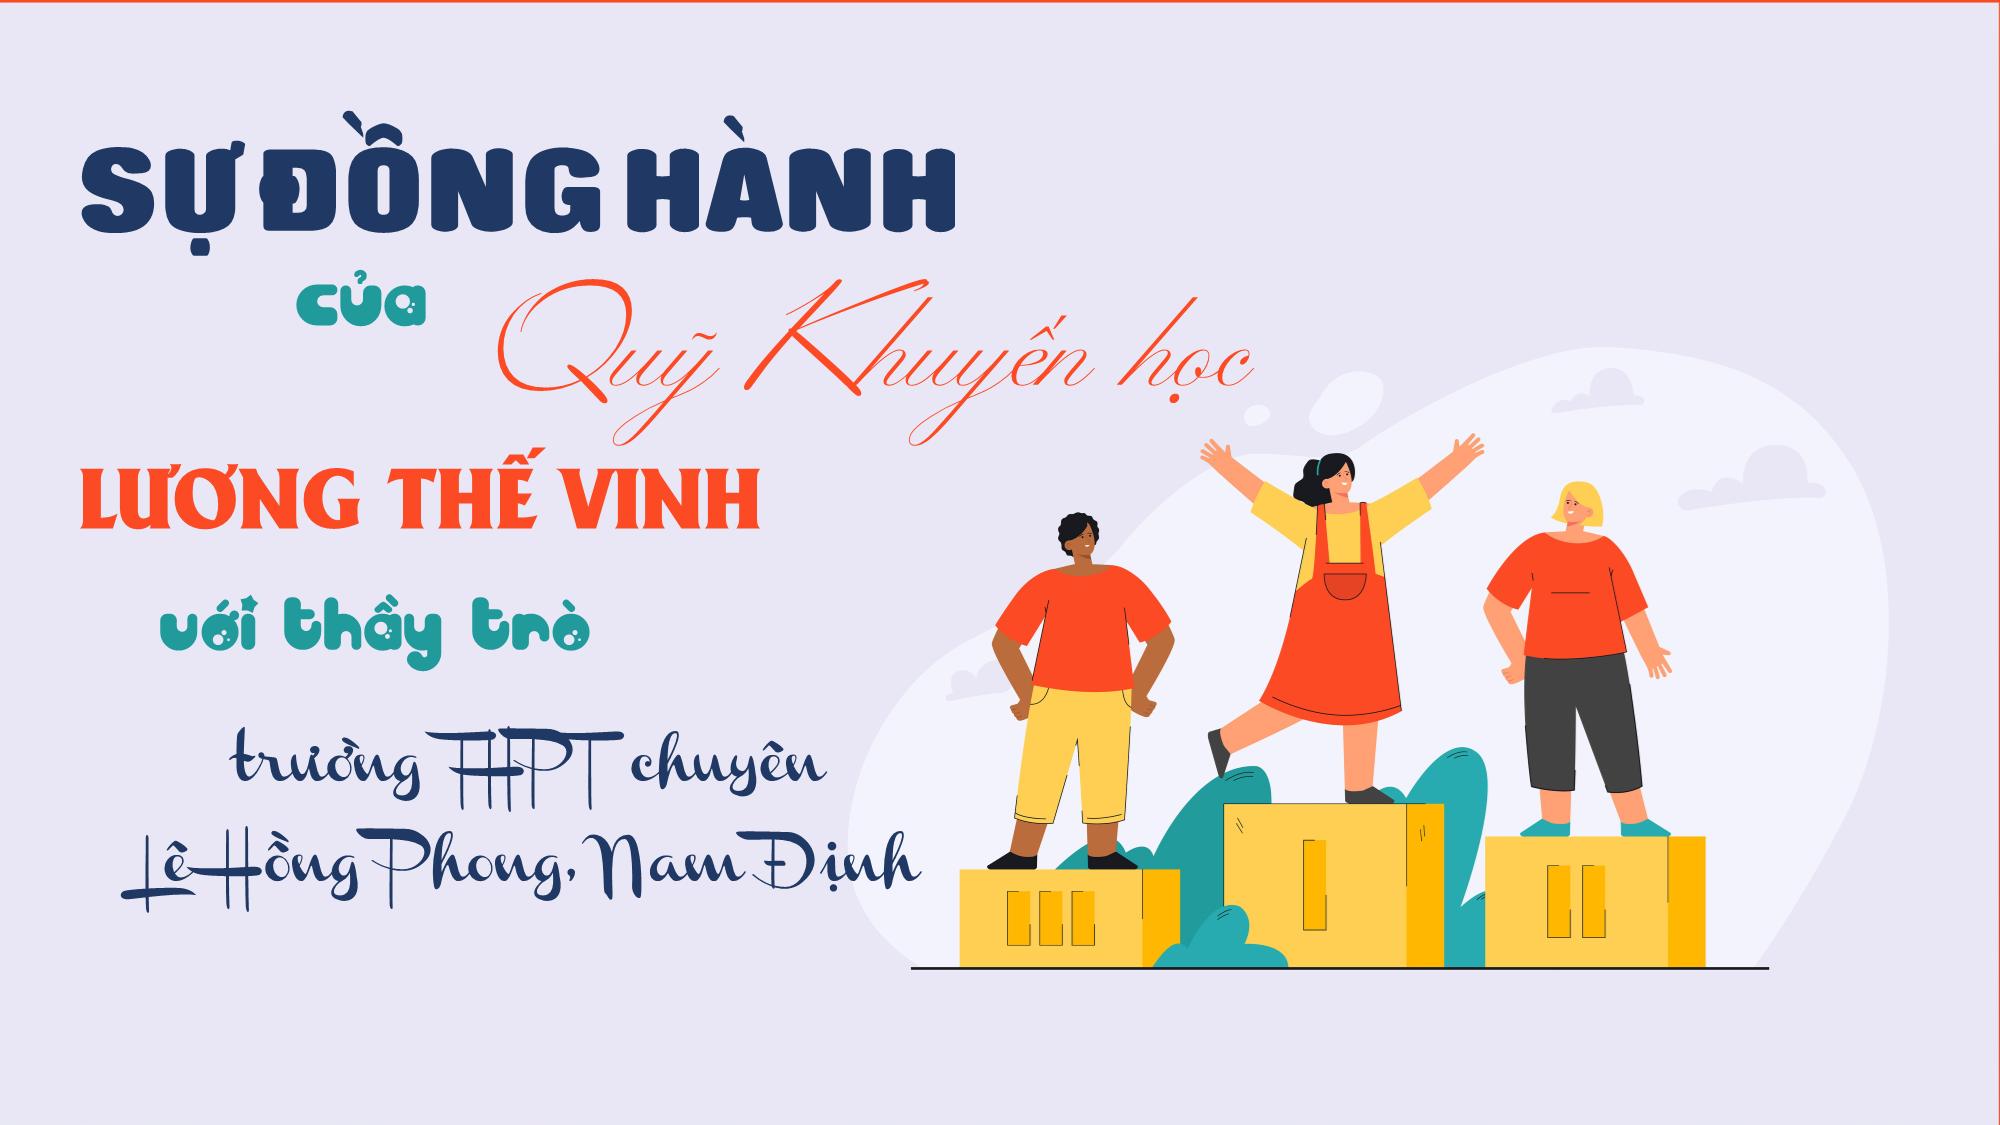 Sự đồng hành của Quỹ khuyến học Lương Thế Vinh với thầy trò trường THPT chuyên Lê Hồng Phong, Nam Định